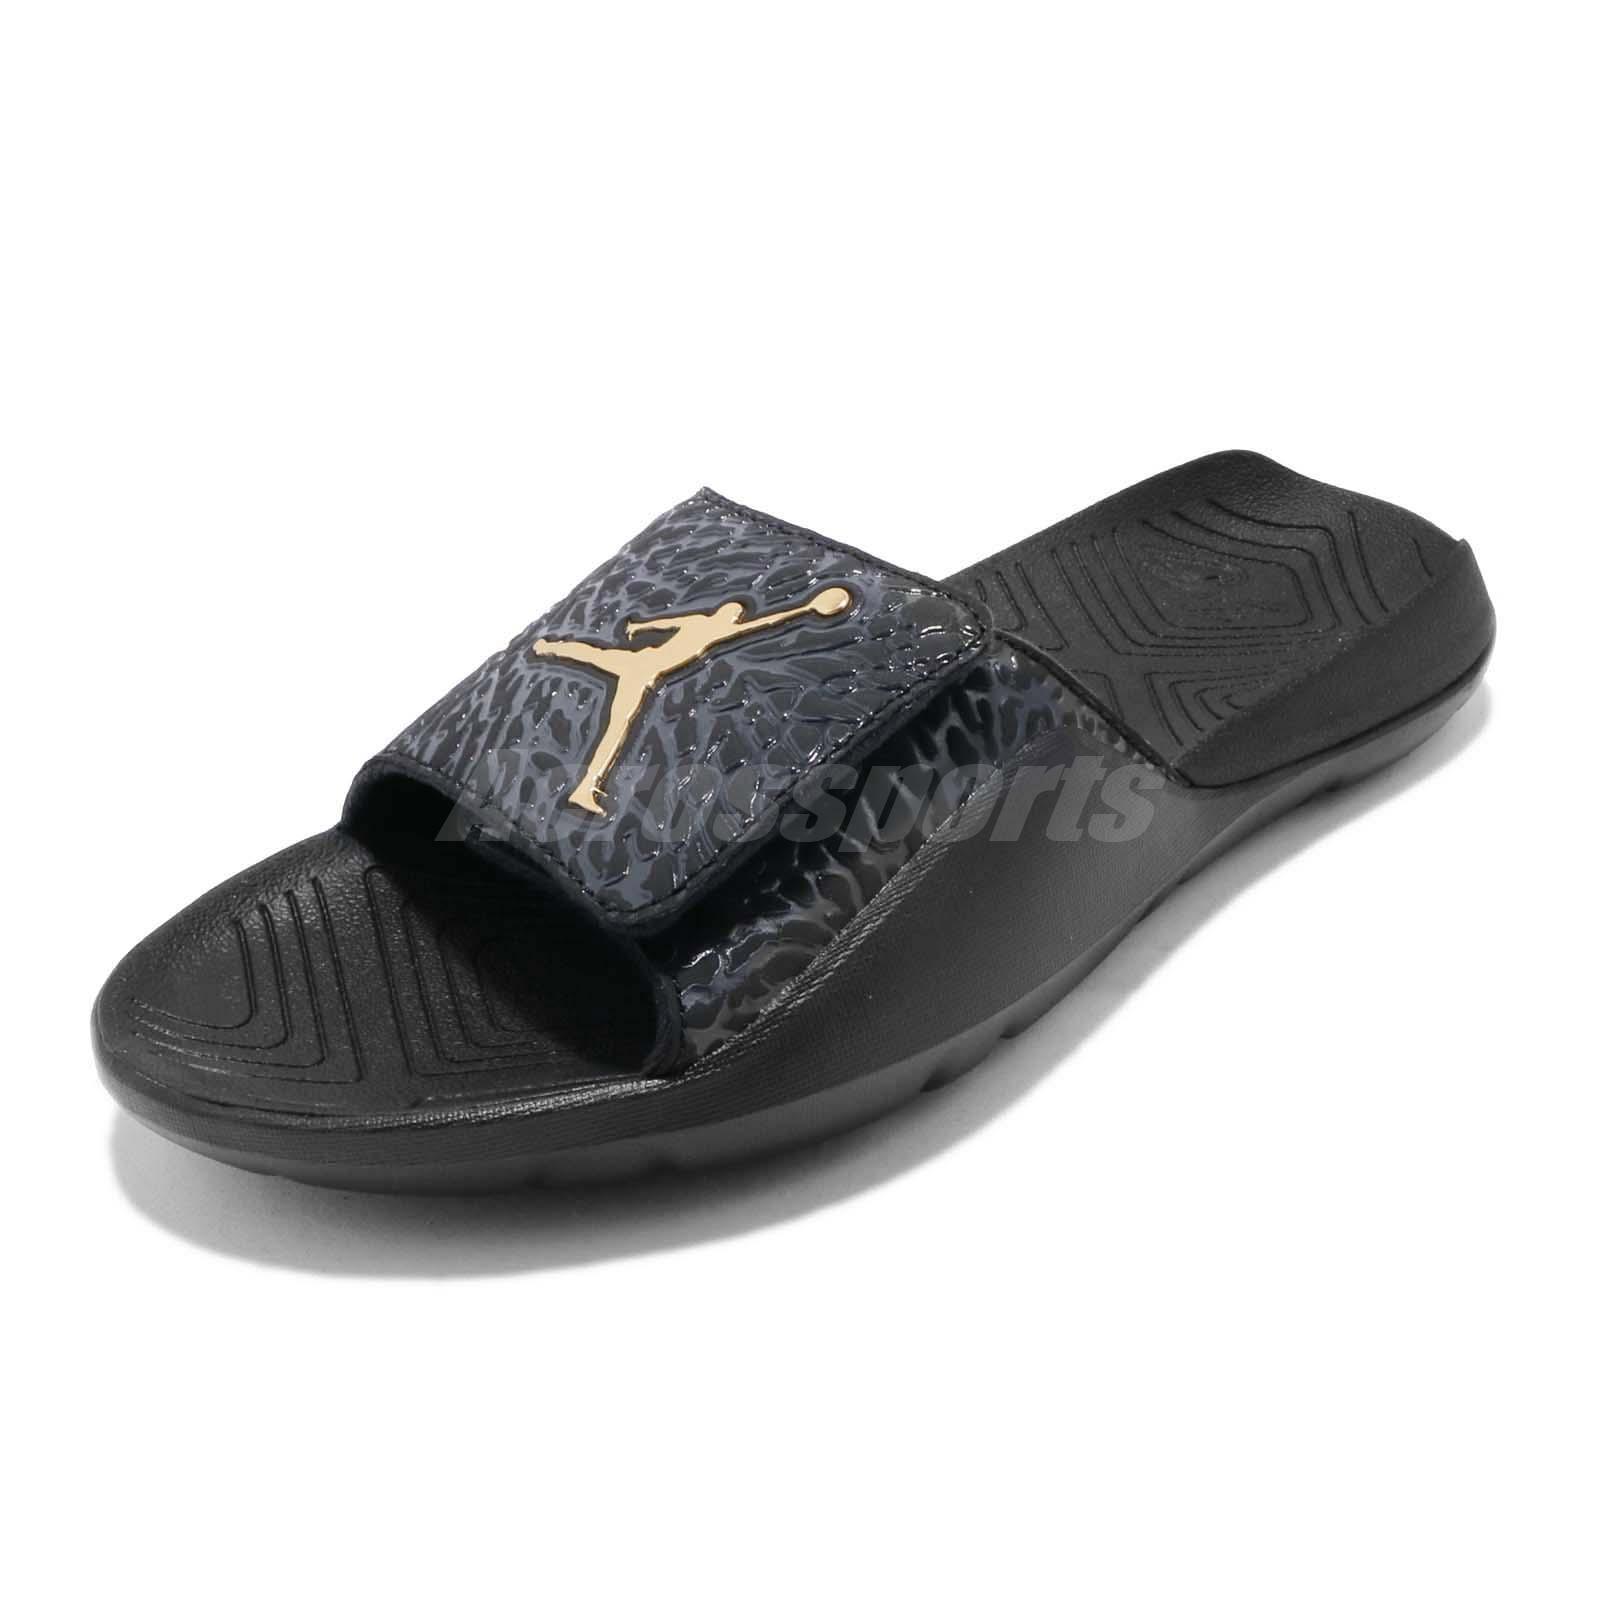 1d3fe94197872b Nike Jordan Hydro 7 V2 Black Gold Men Sports Sandals Slides Slippers BQ6290- 007